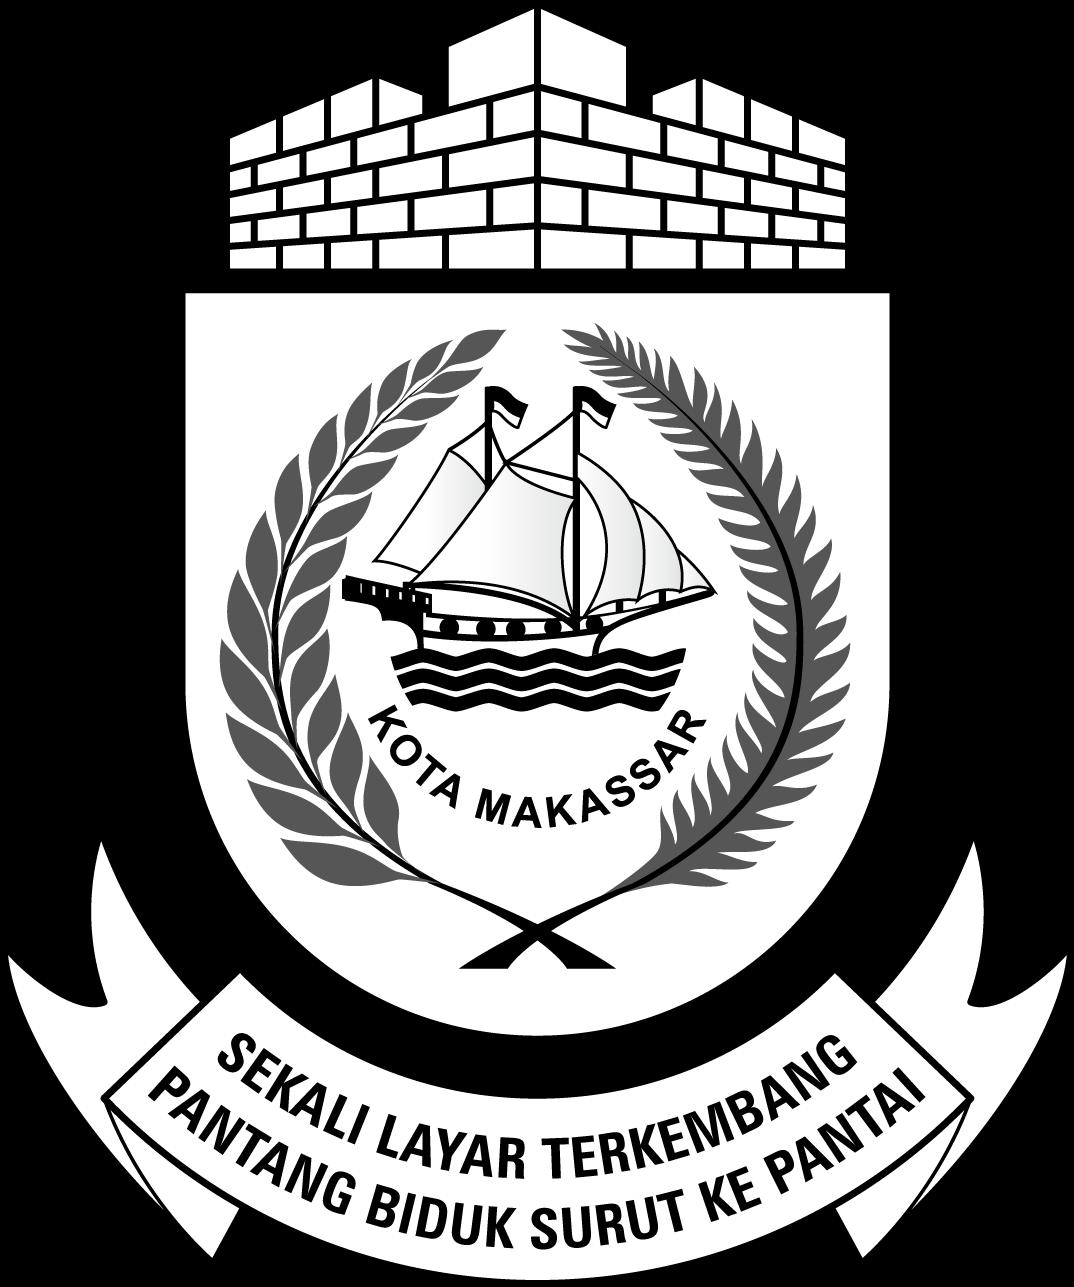 Logo Pemerintah Kota Makassar 237 Design